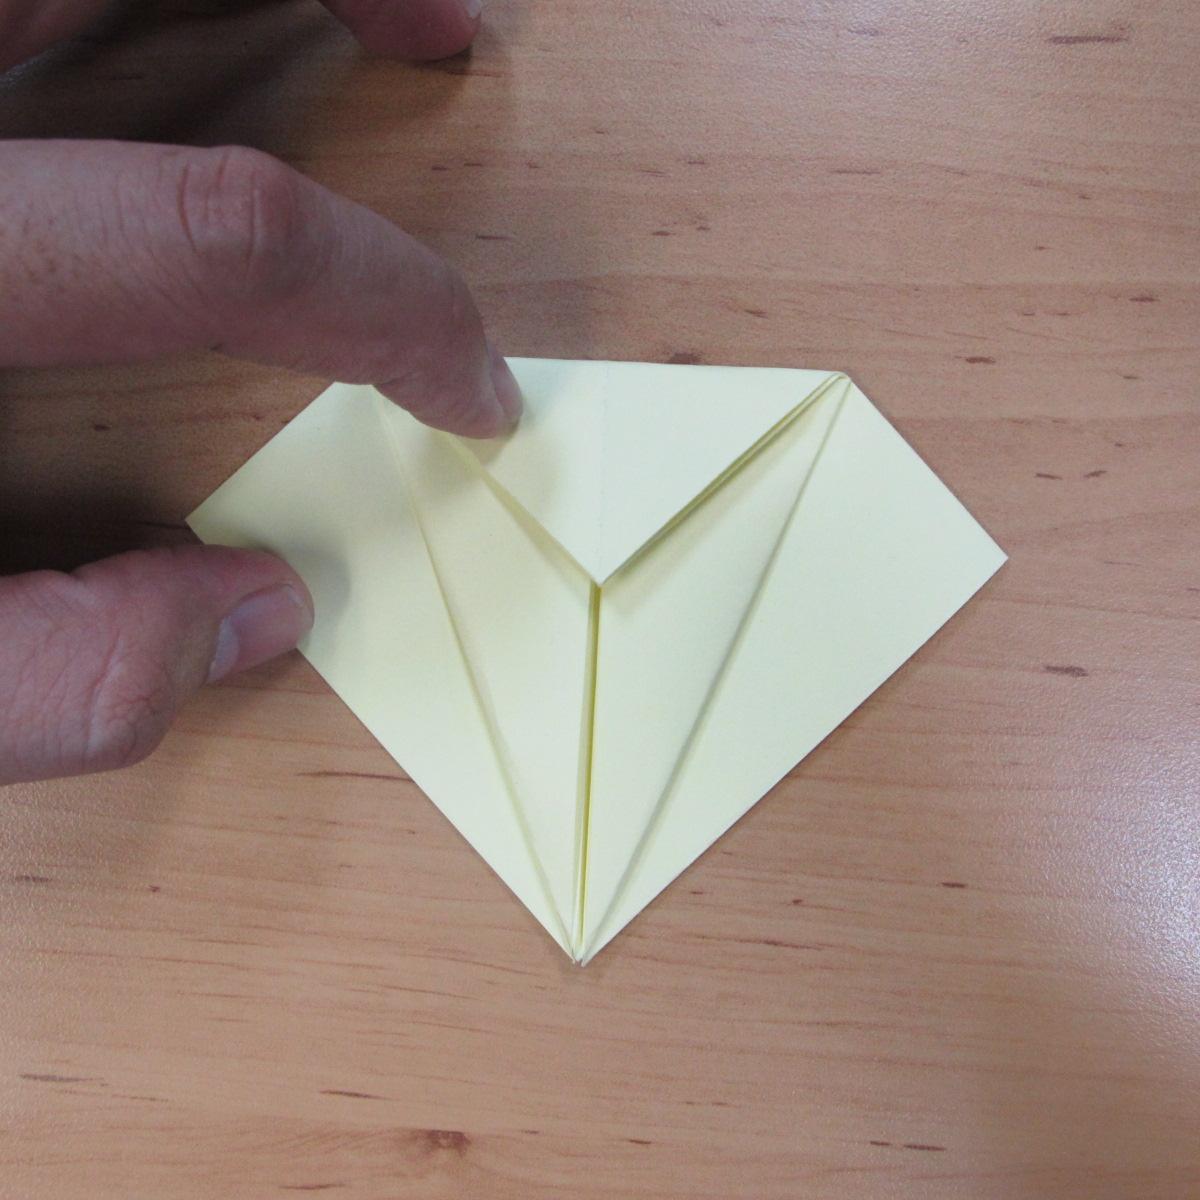 วิธีพับกระดาษเป็นดอกกุหลายแบบเกลียว 008